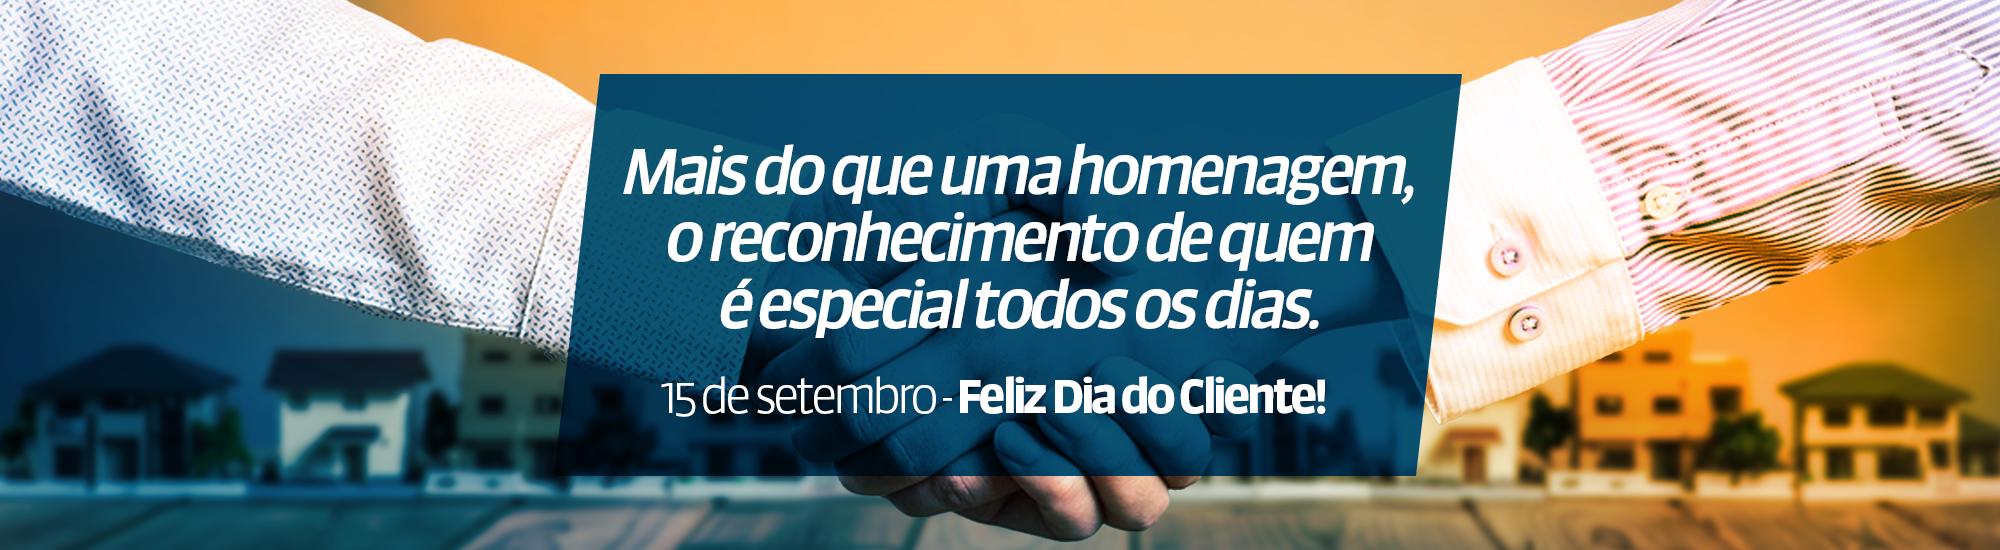 banner site OTIMIZE Dia do Cliente